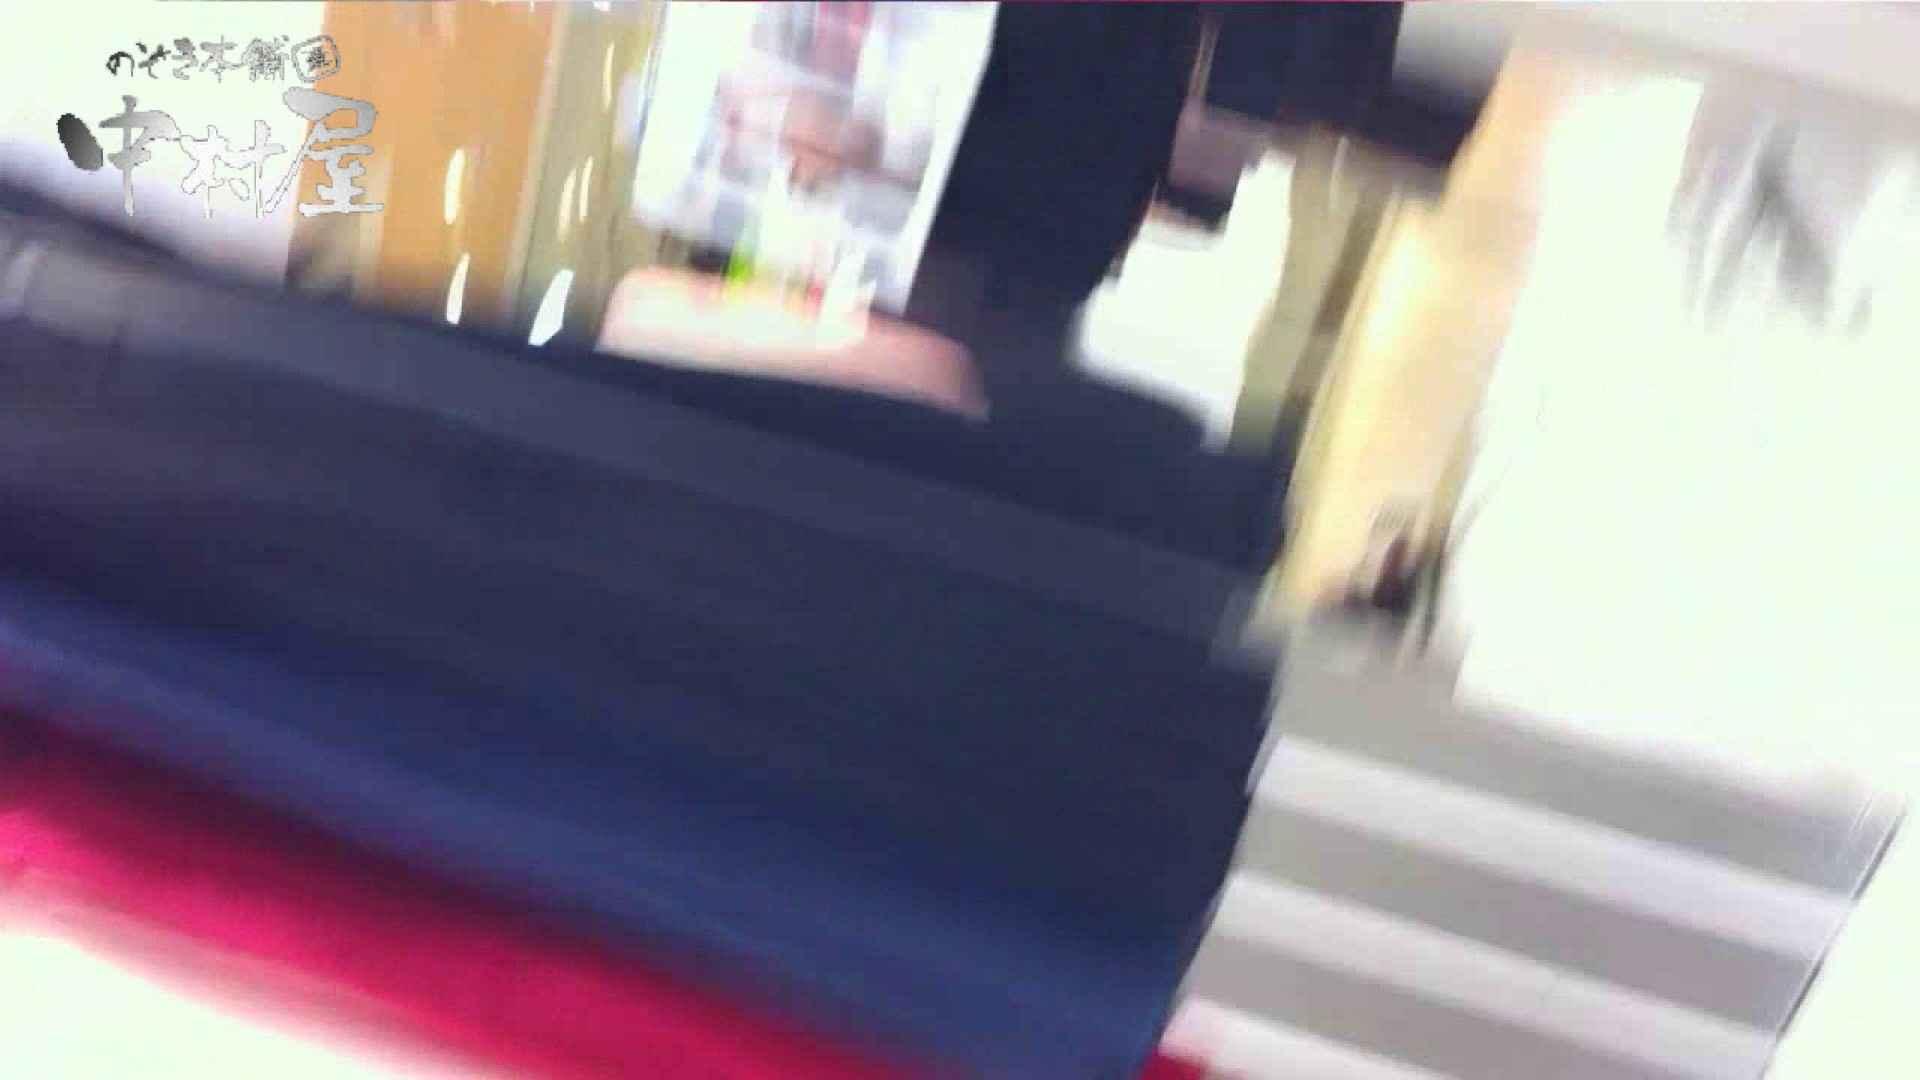 vol.48可愛いカリスマ店員胸チラ&パンチラ アニメ声の店員さん OLのエロ生活 | 接写  96連発 96